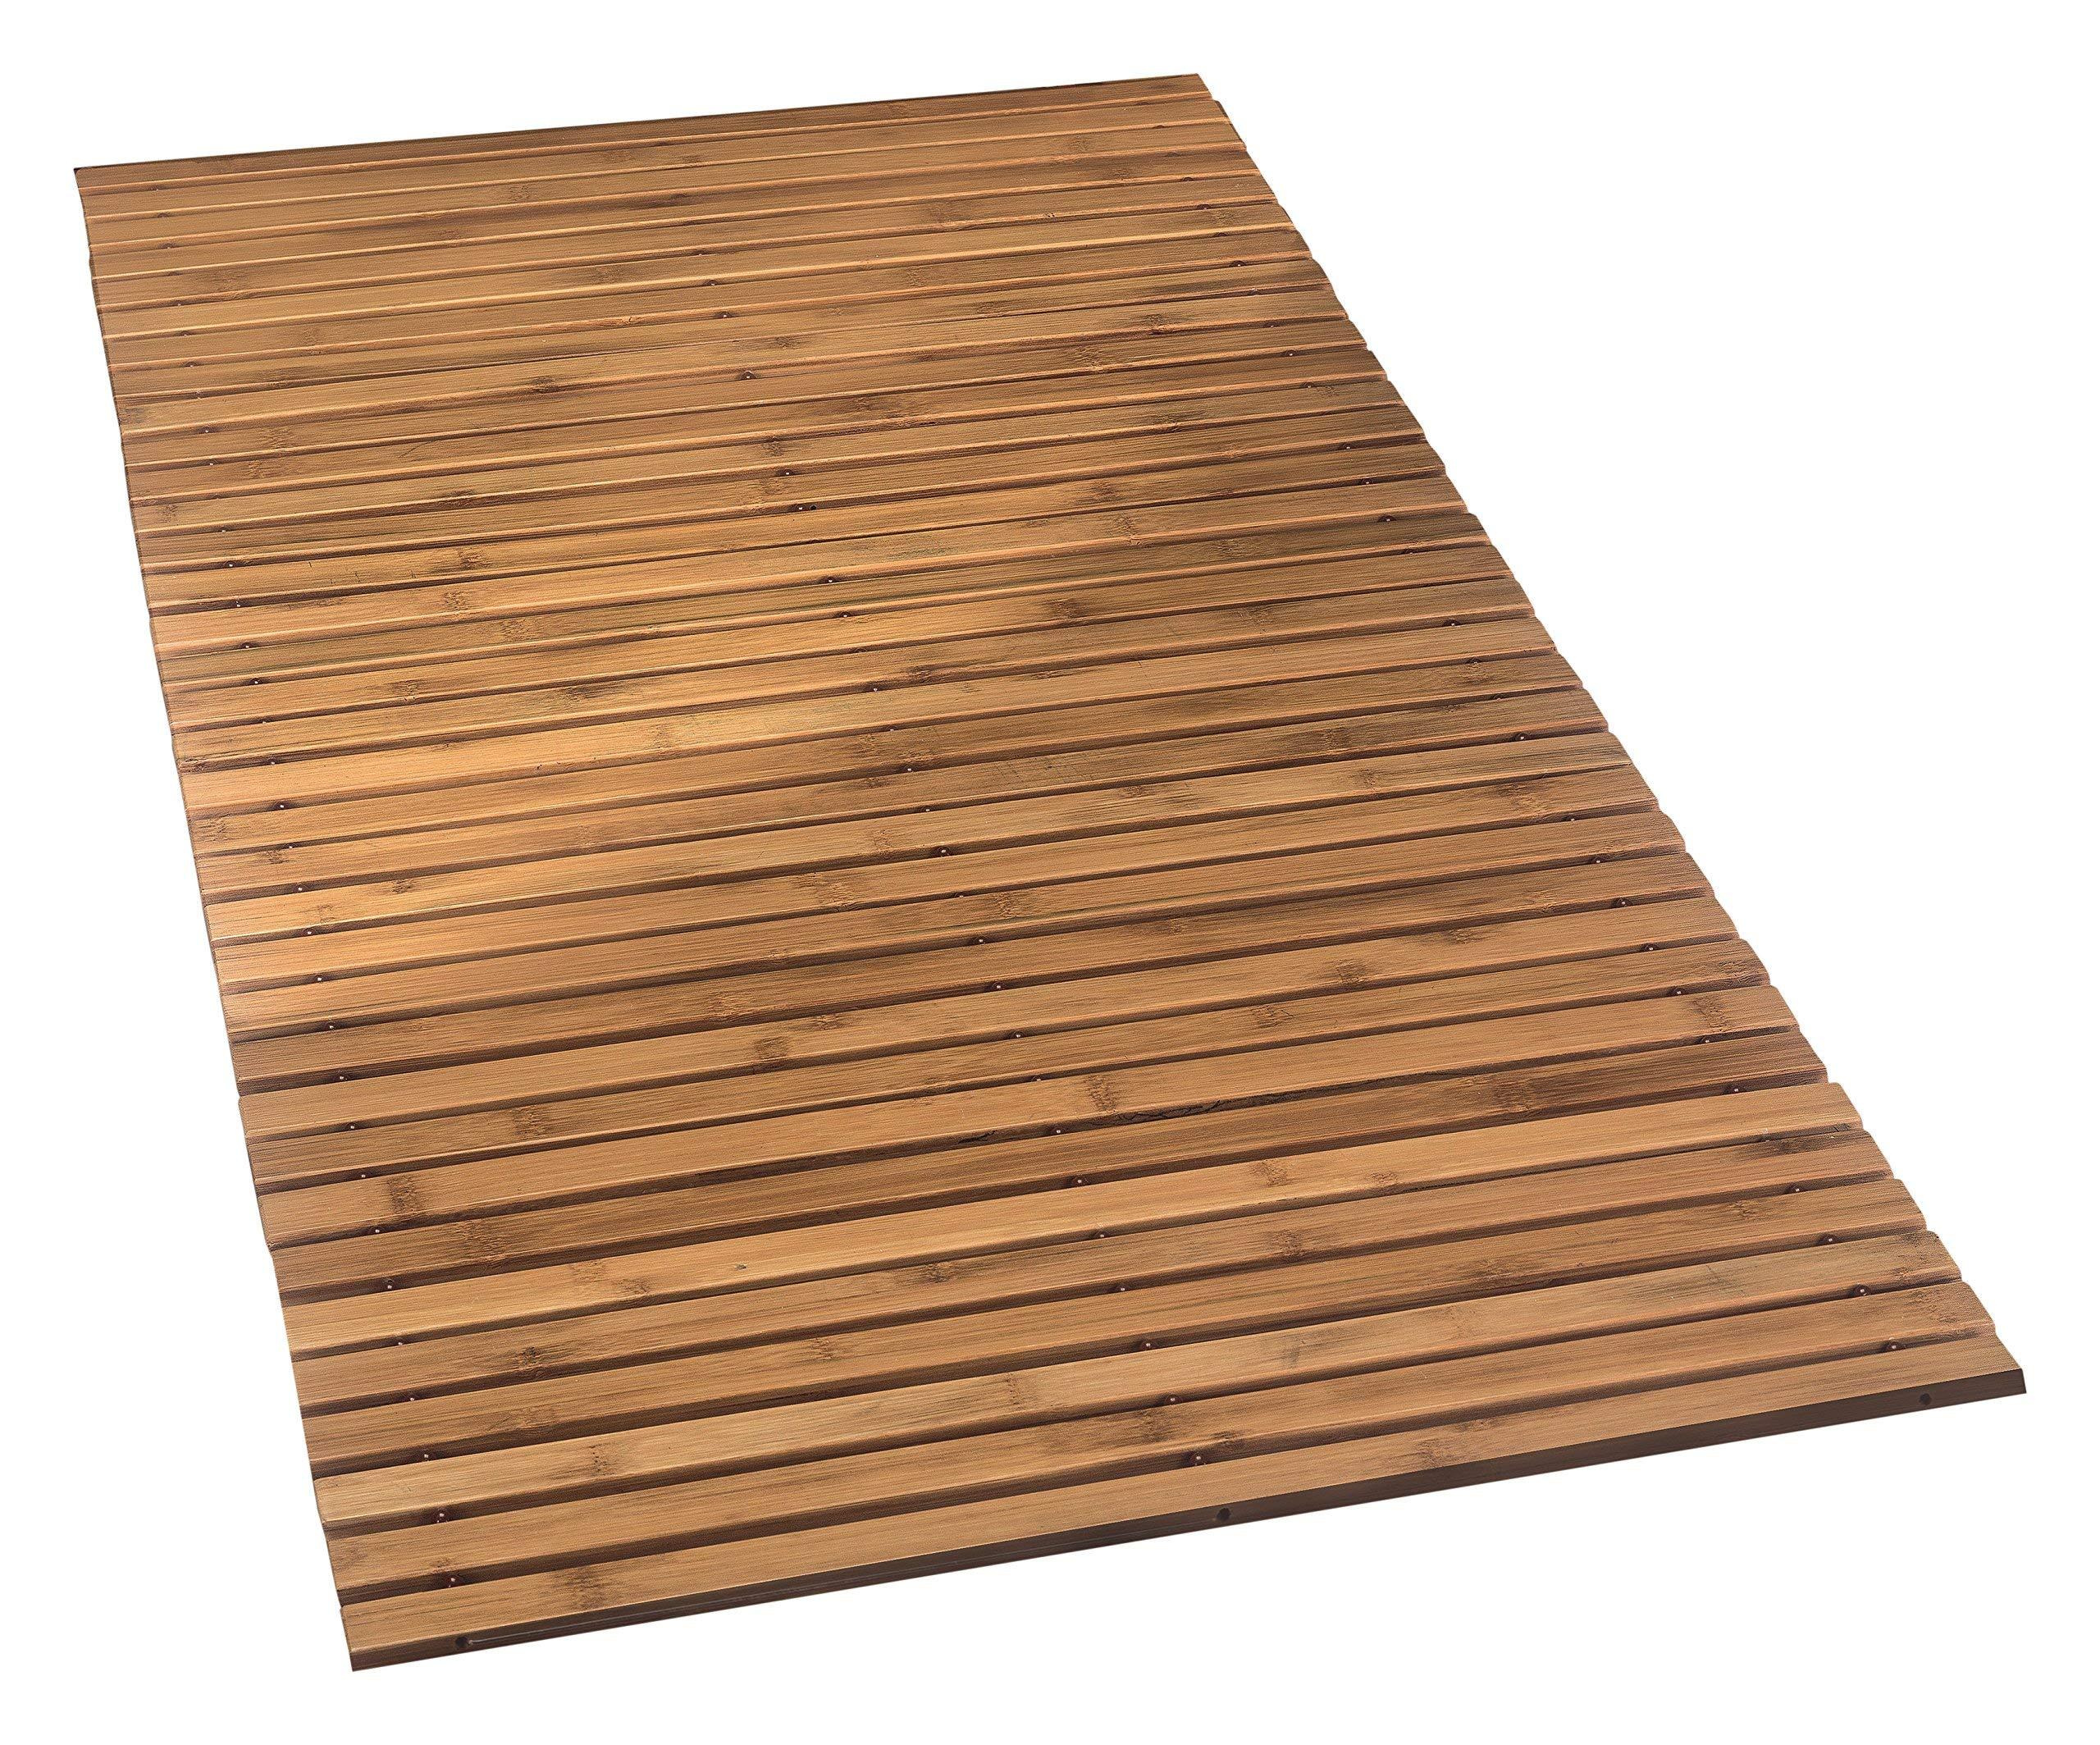 Kleine Wolke Level Wooden Mat, Nature, 60 x 115 cm